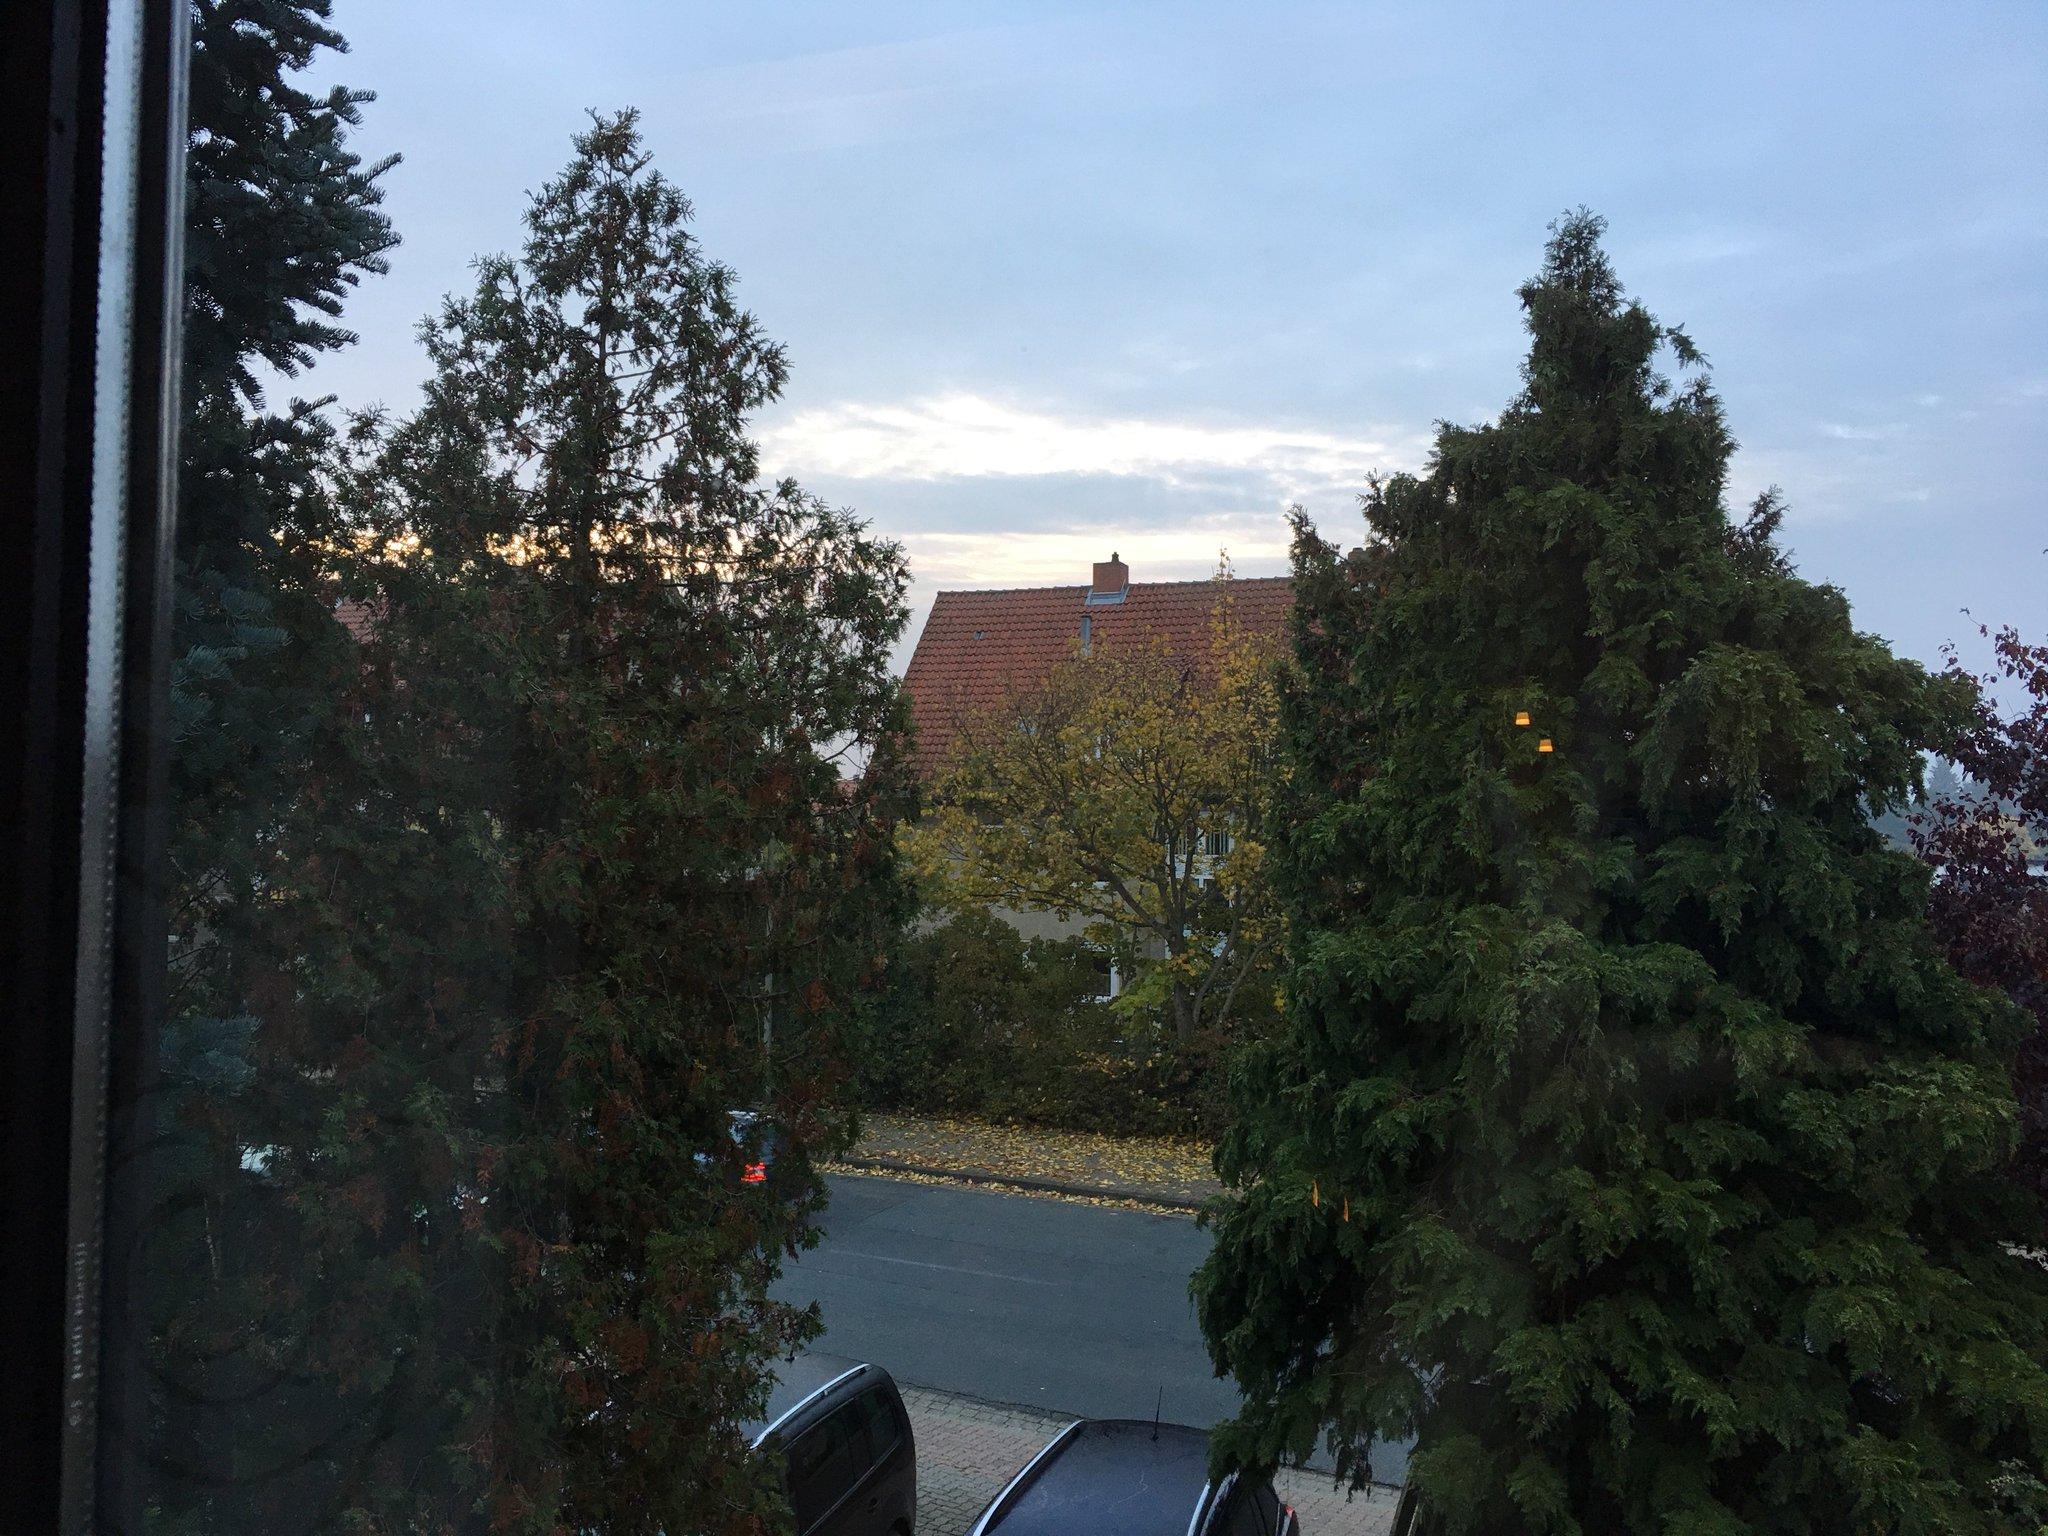 Guten Morgen aus der Lessingstadt Wolfenbüttel #meurers #echtlessig #aussichtstweet https://t.co/Ppk3StXIMD